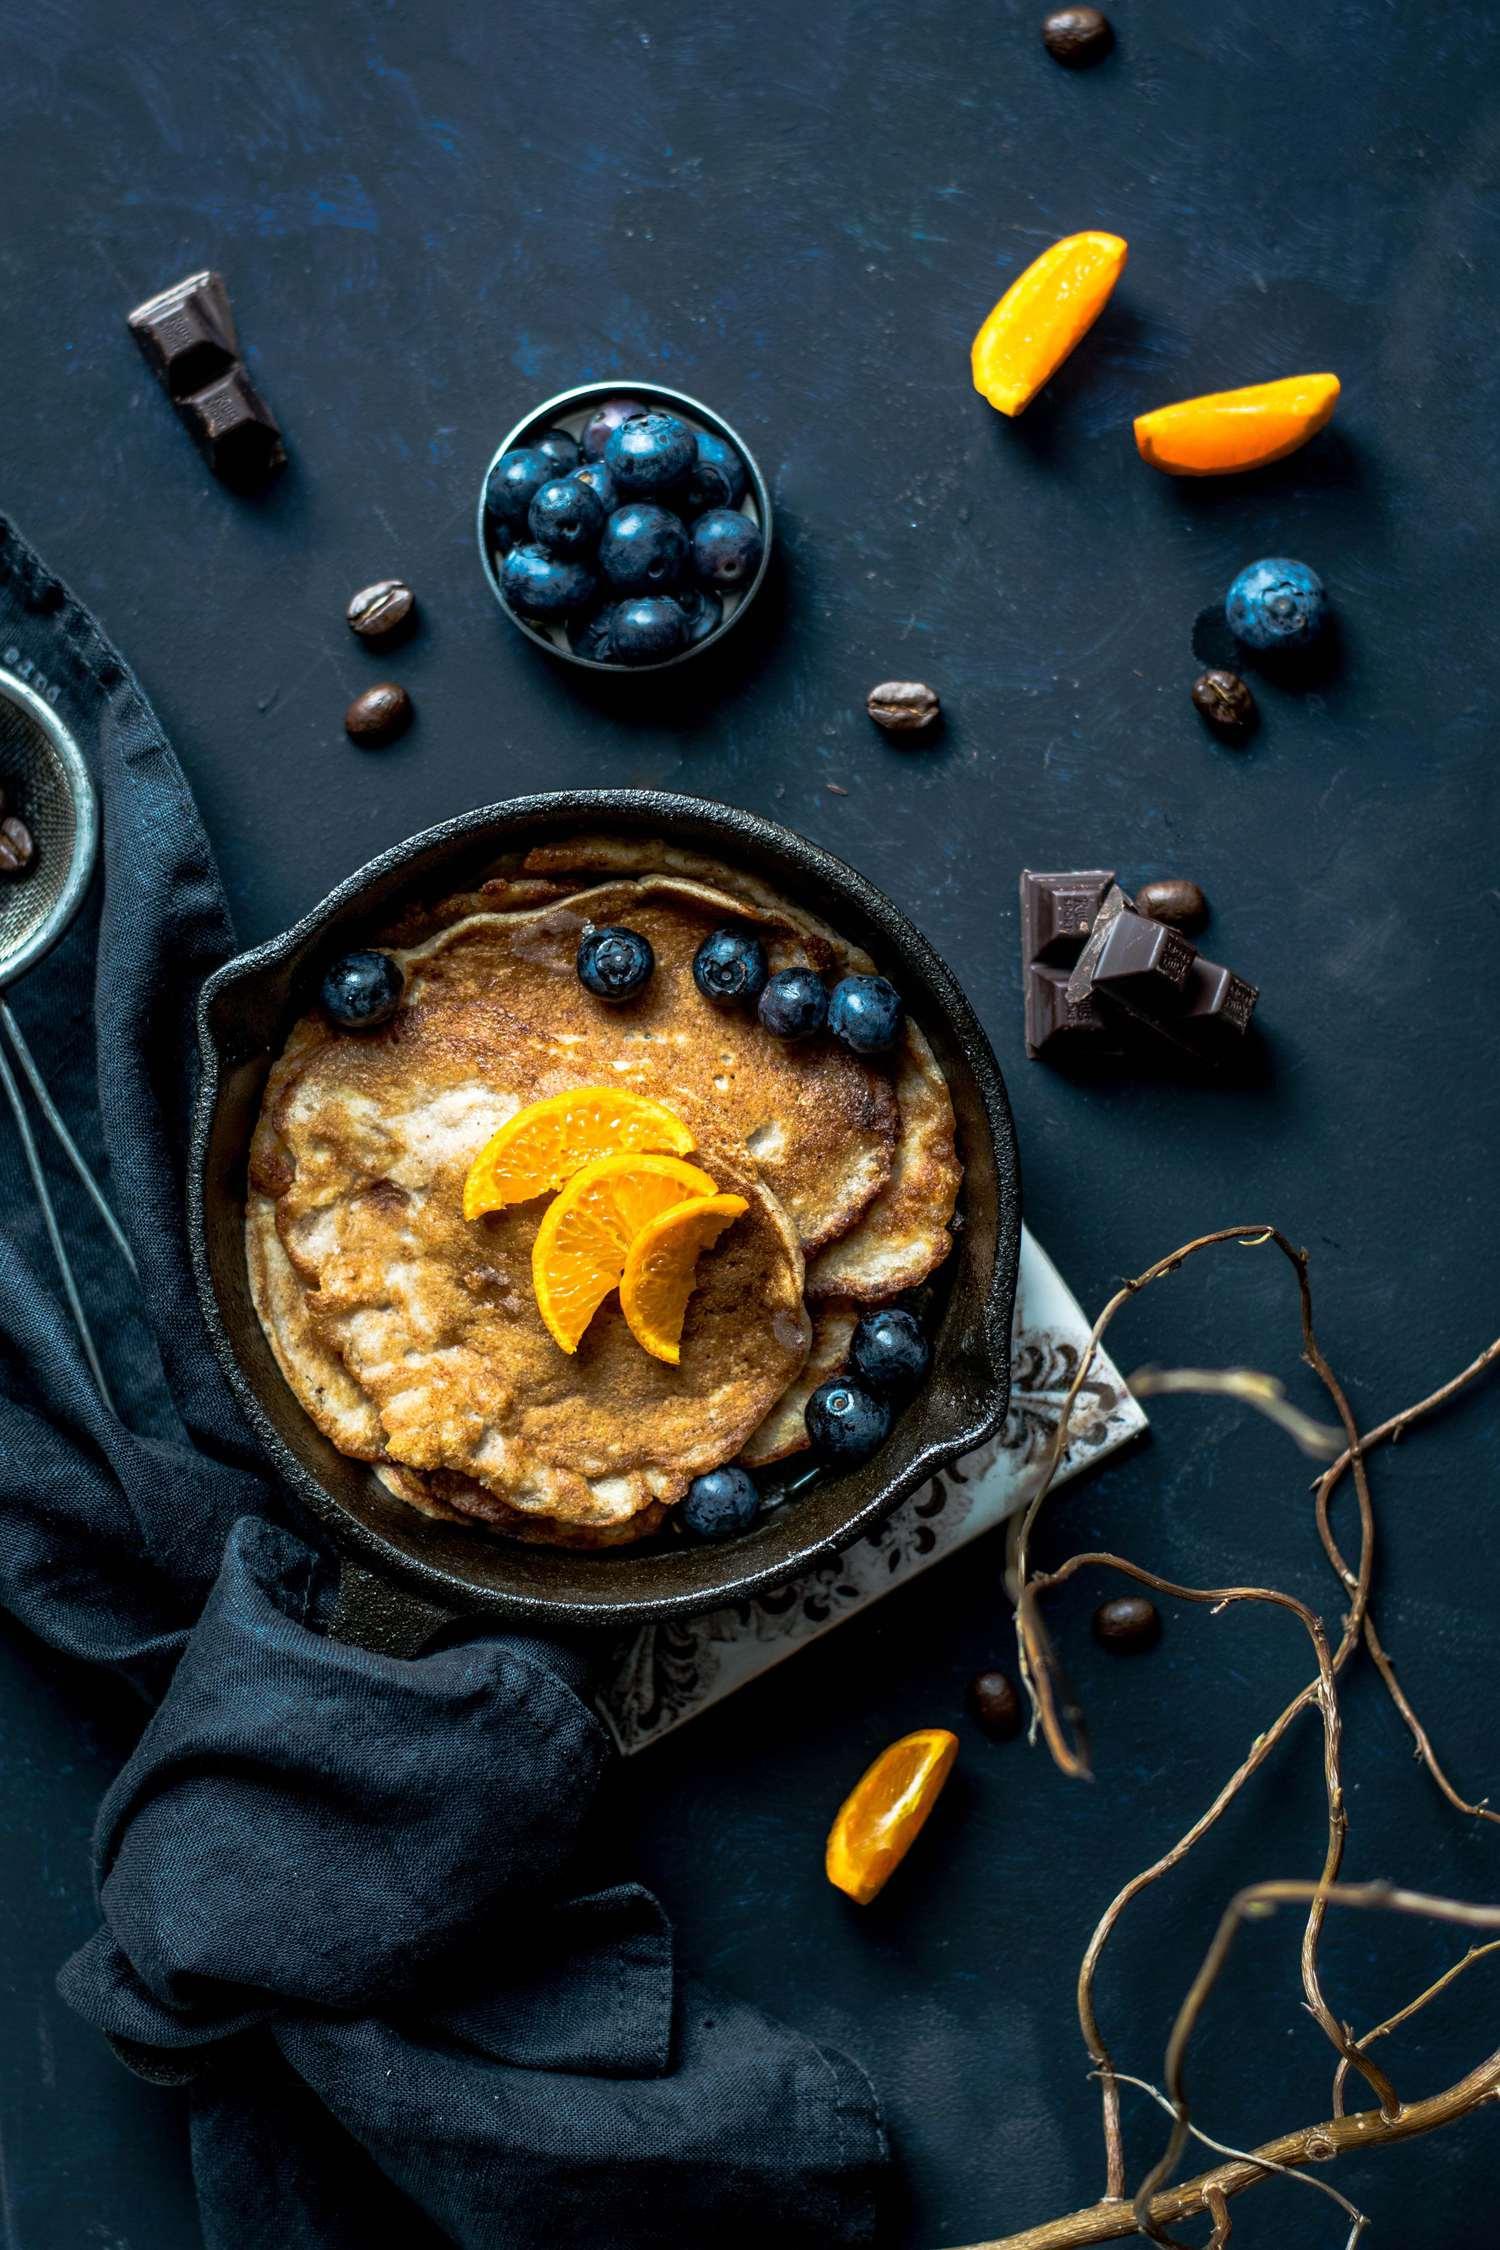 Fotografía de comida con contraste de color